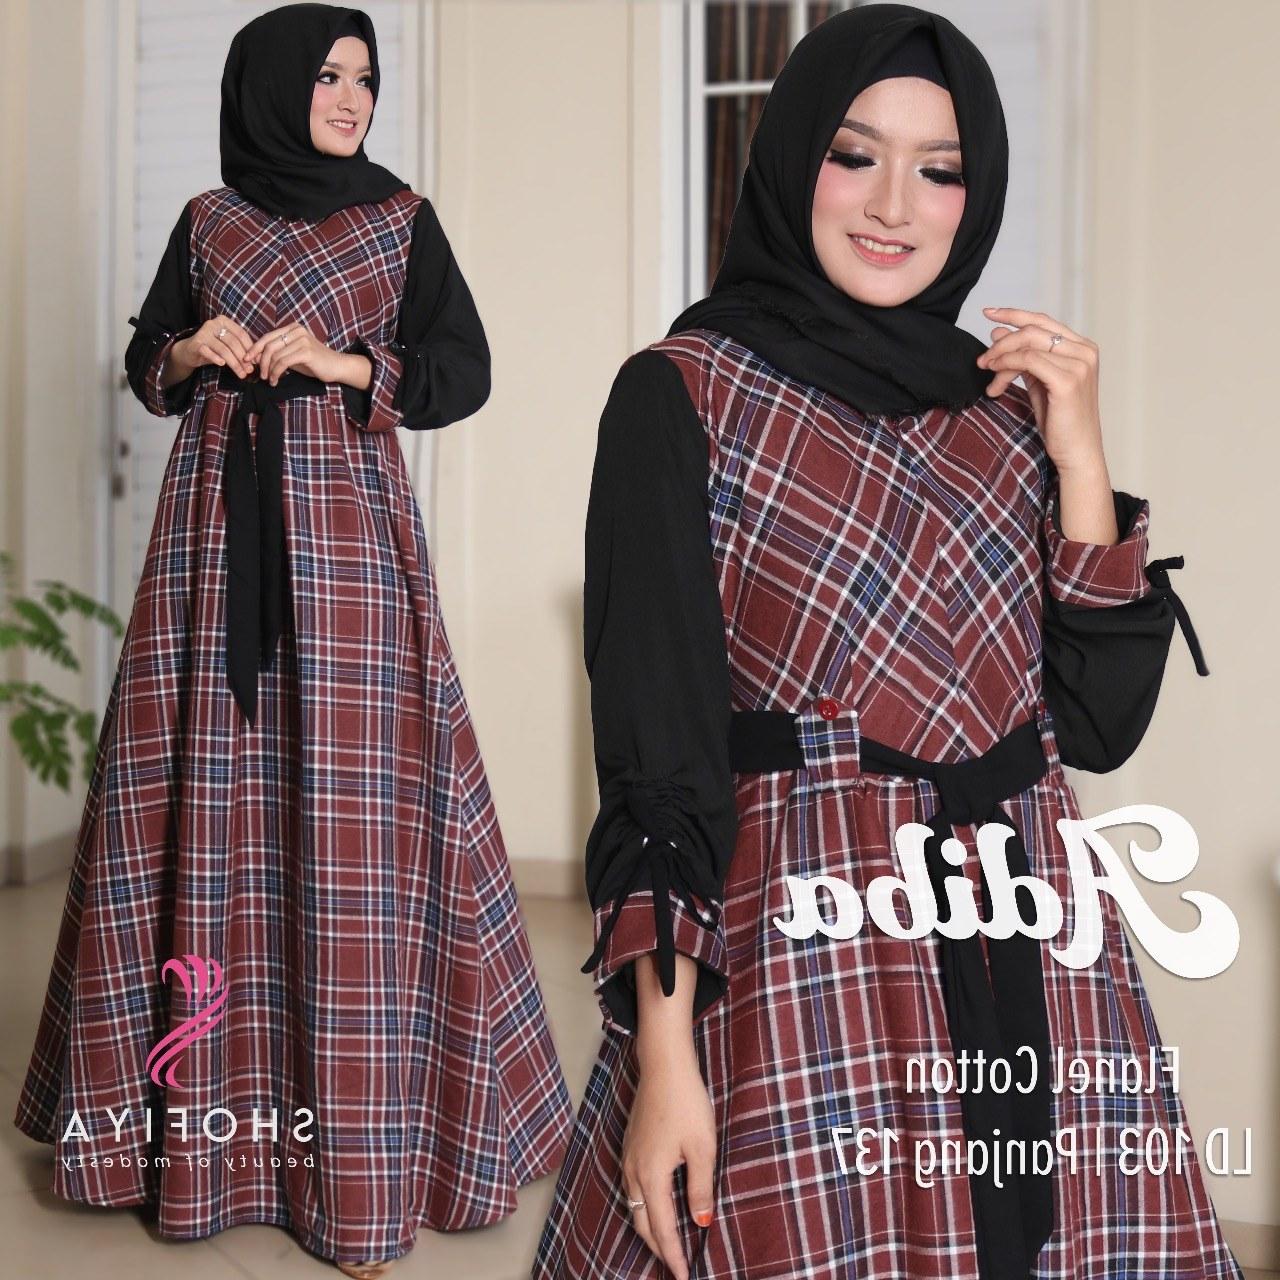 Inspirasi Baju Lebaran Wanita 2019 Qwdq Ide 21 Model Baju Lebaran 2019 Untuk Remaja